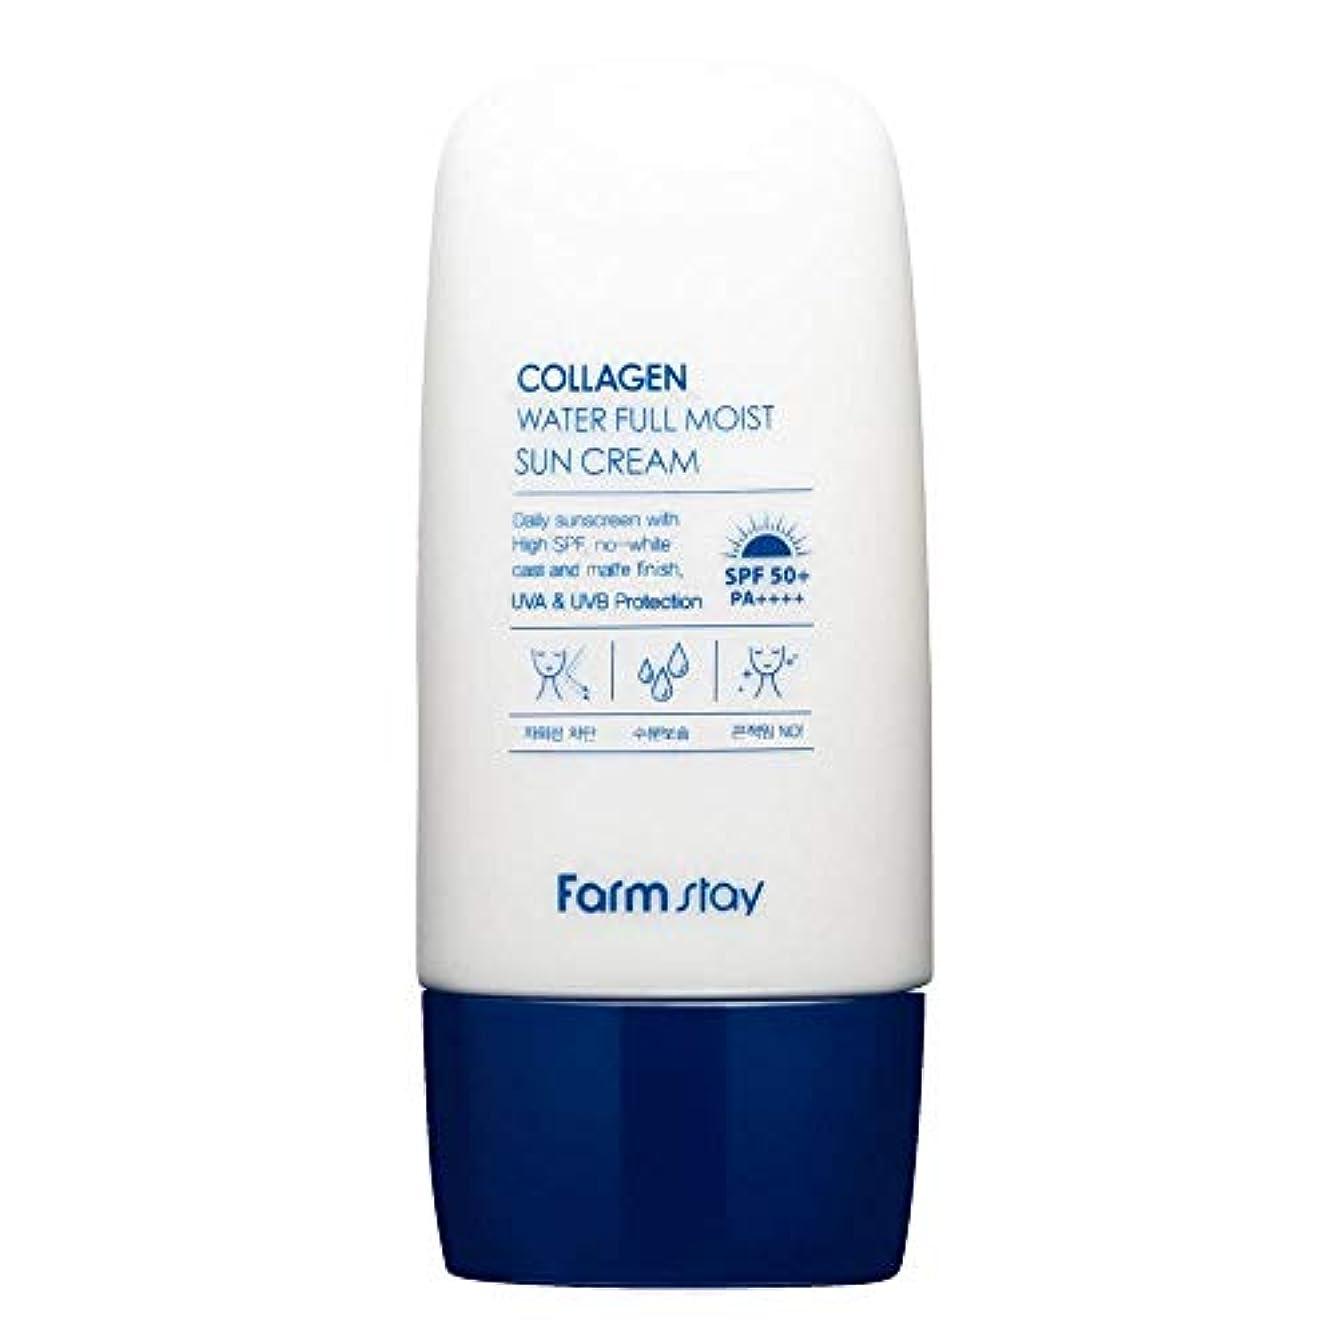 汚染された着替える賠償ファームステイ[Farm Stay] コラーゲンウォーターフルモイストサンクリーム45g / Collagen Water Full Moist Sun Cream